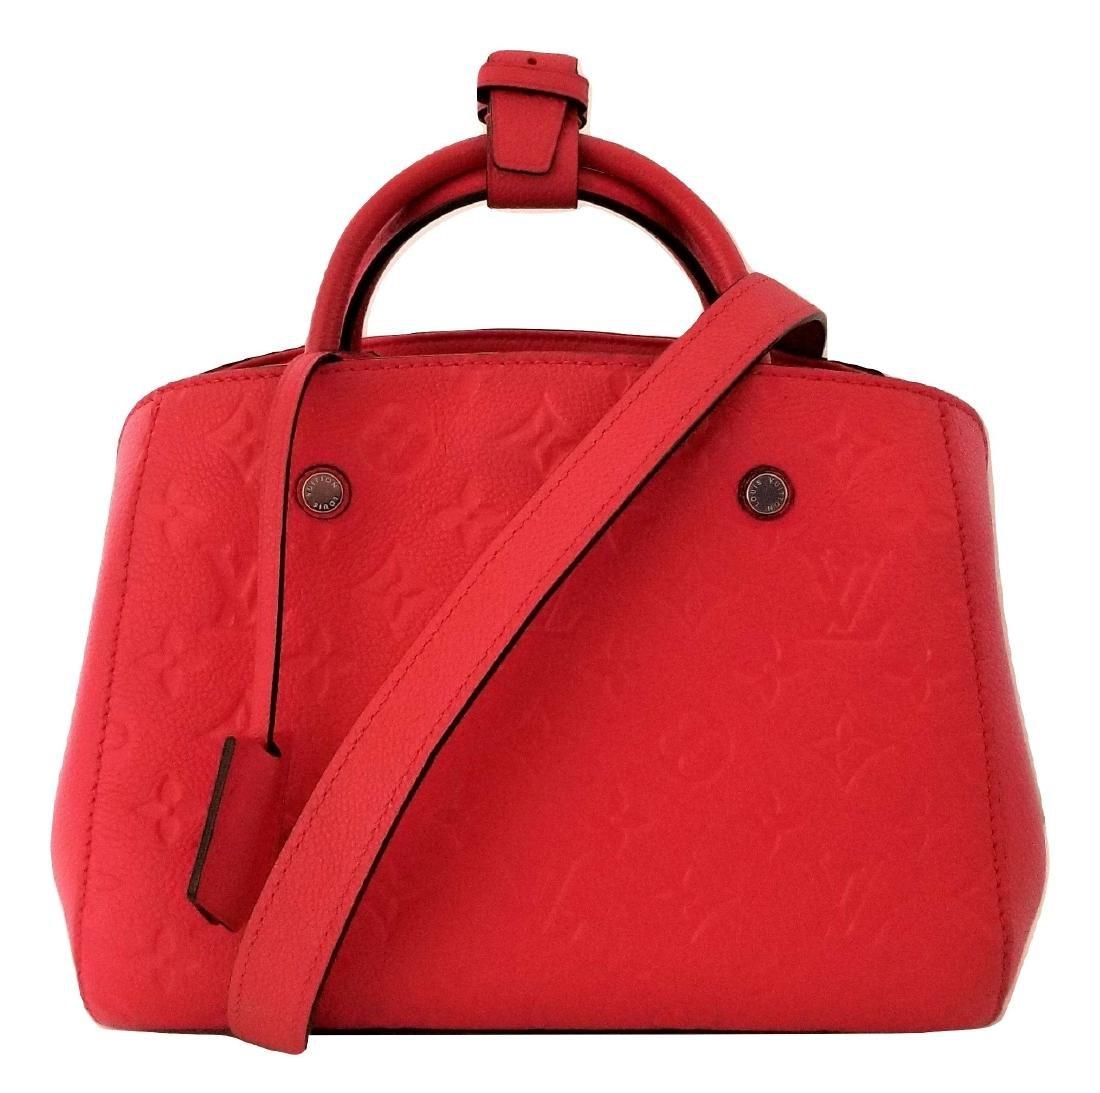 Louis Vuitton Empreinte Red Montaigne BB Satchel with